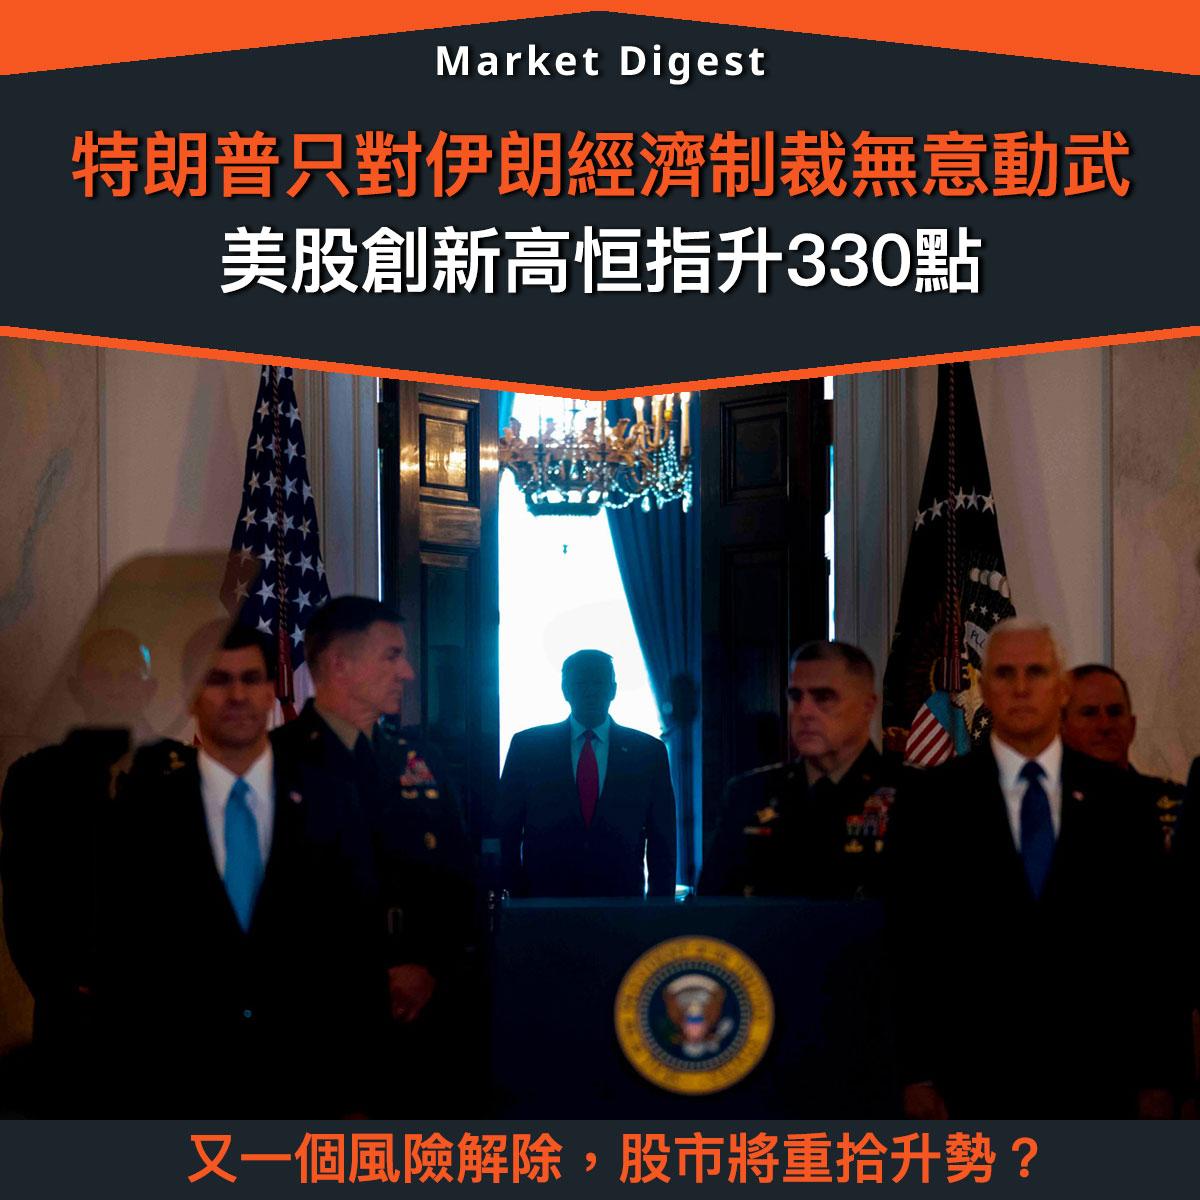 【市場熱話】特朗普只對伊朗經濟制裁無意動武,美股創新高恒指升330點